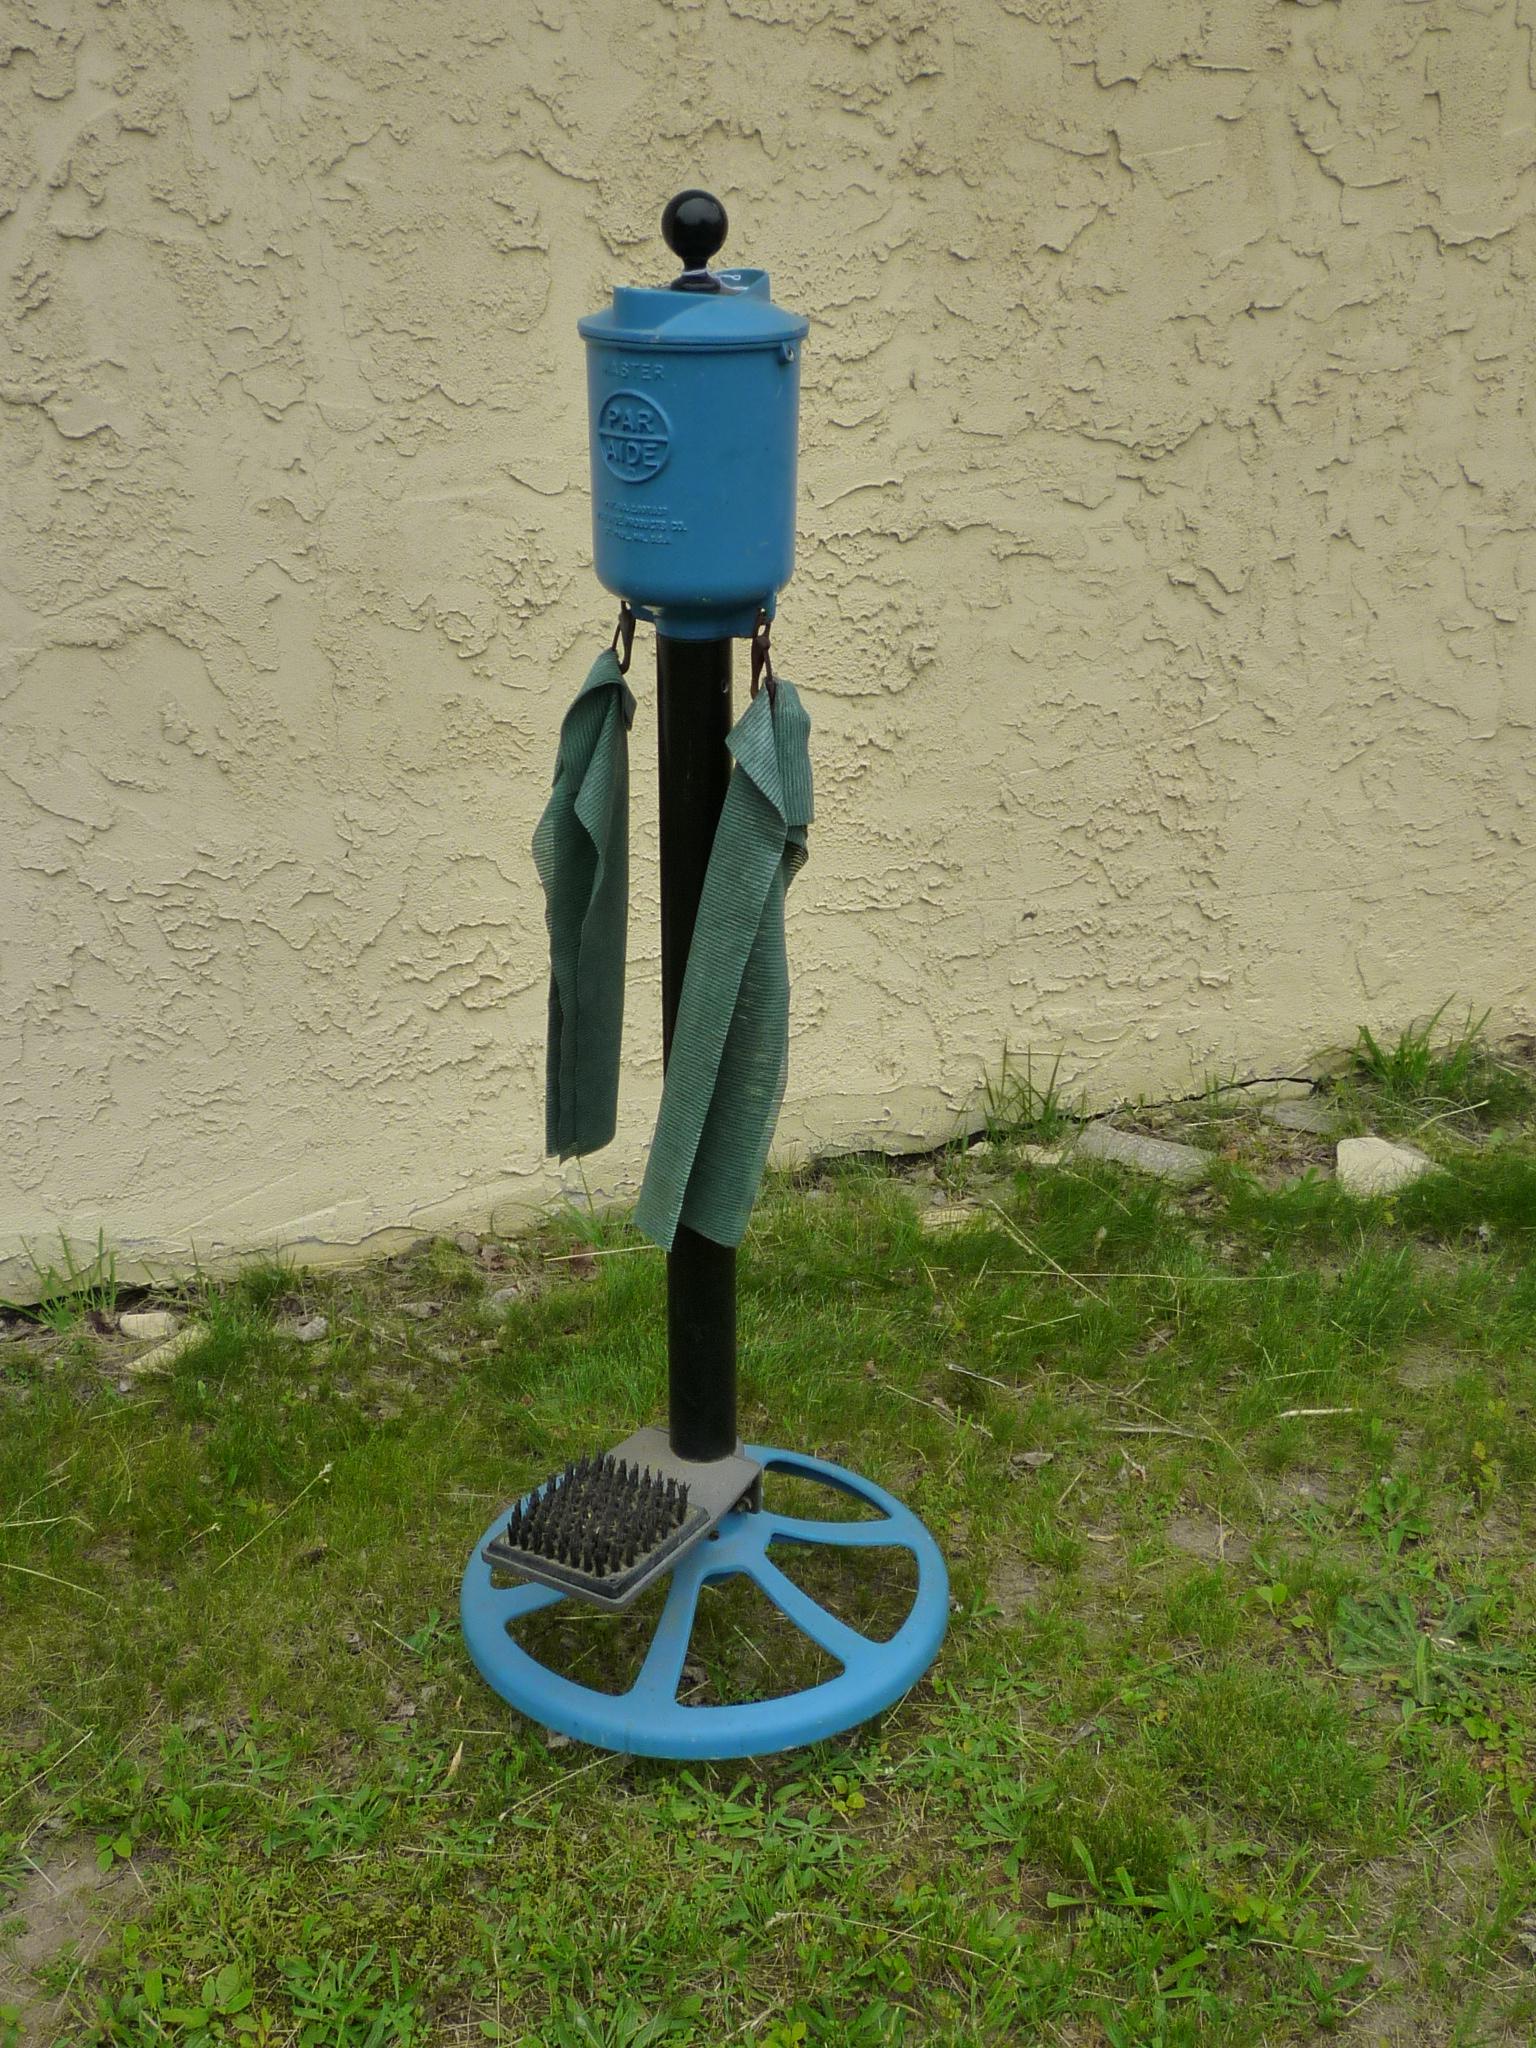 Golf ball washer - 1 3